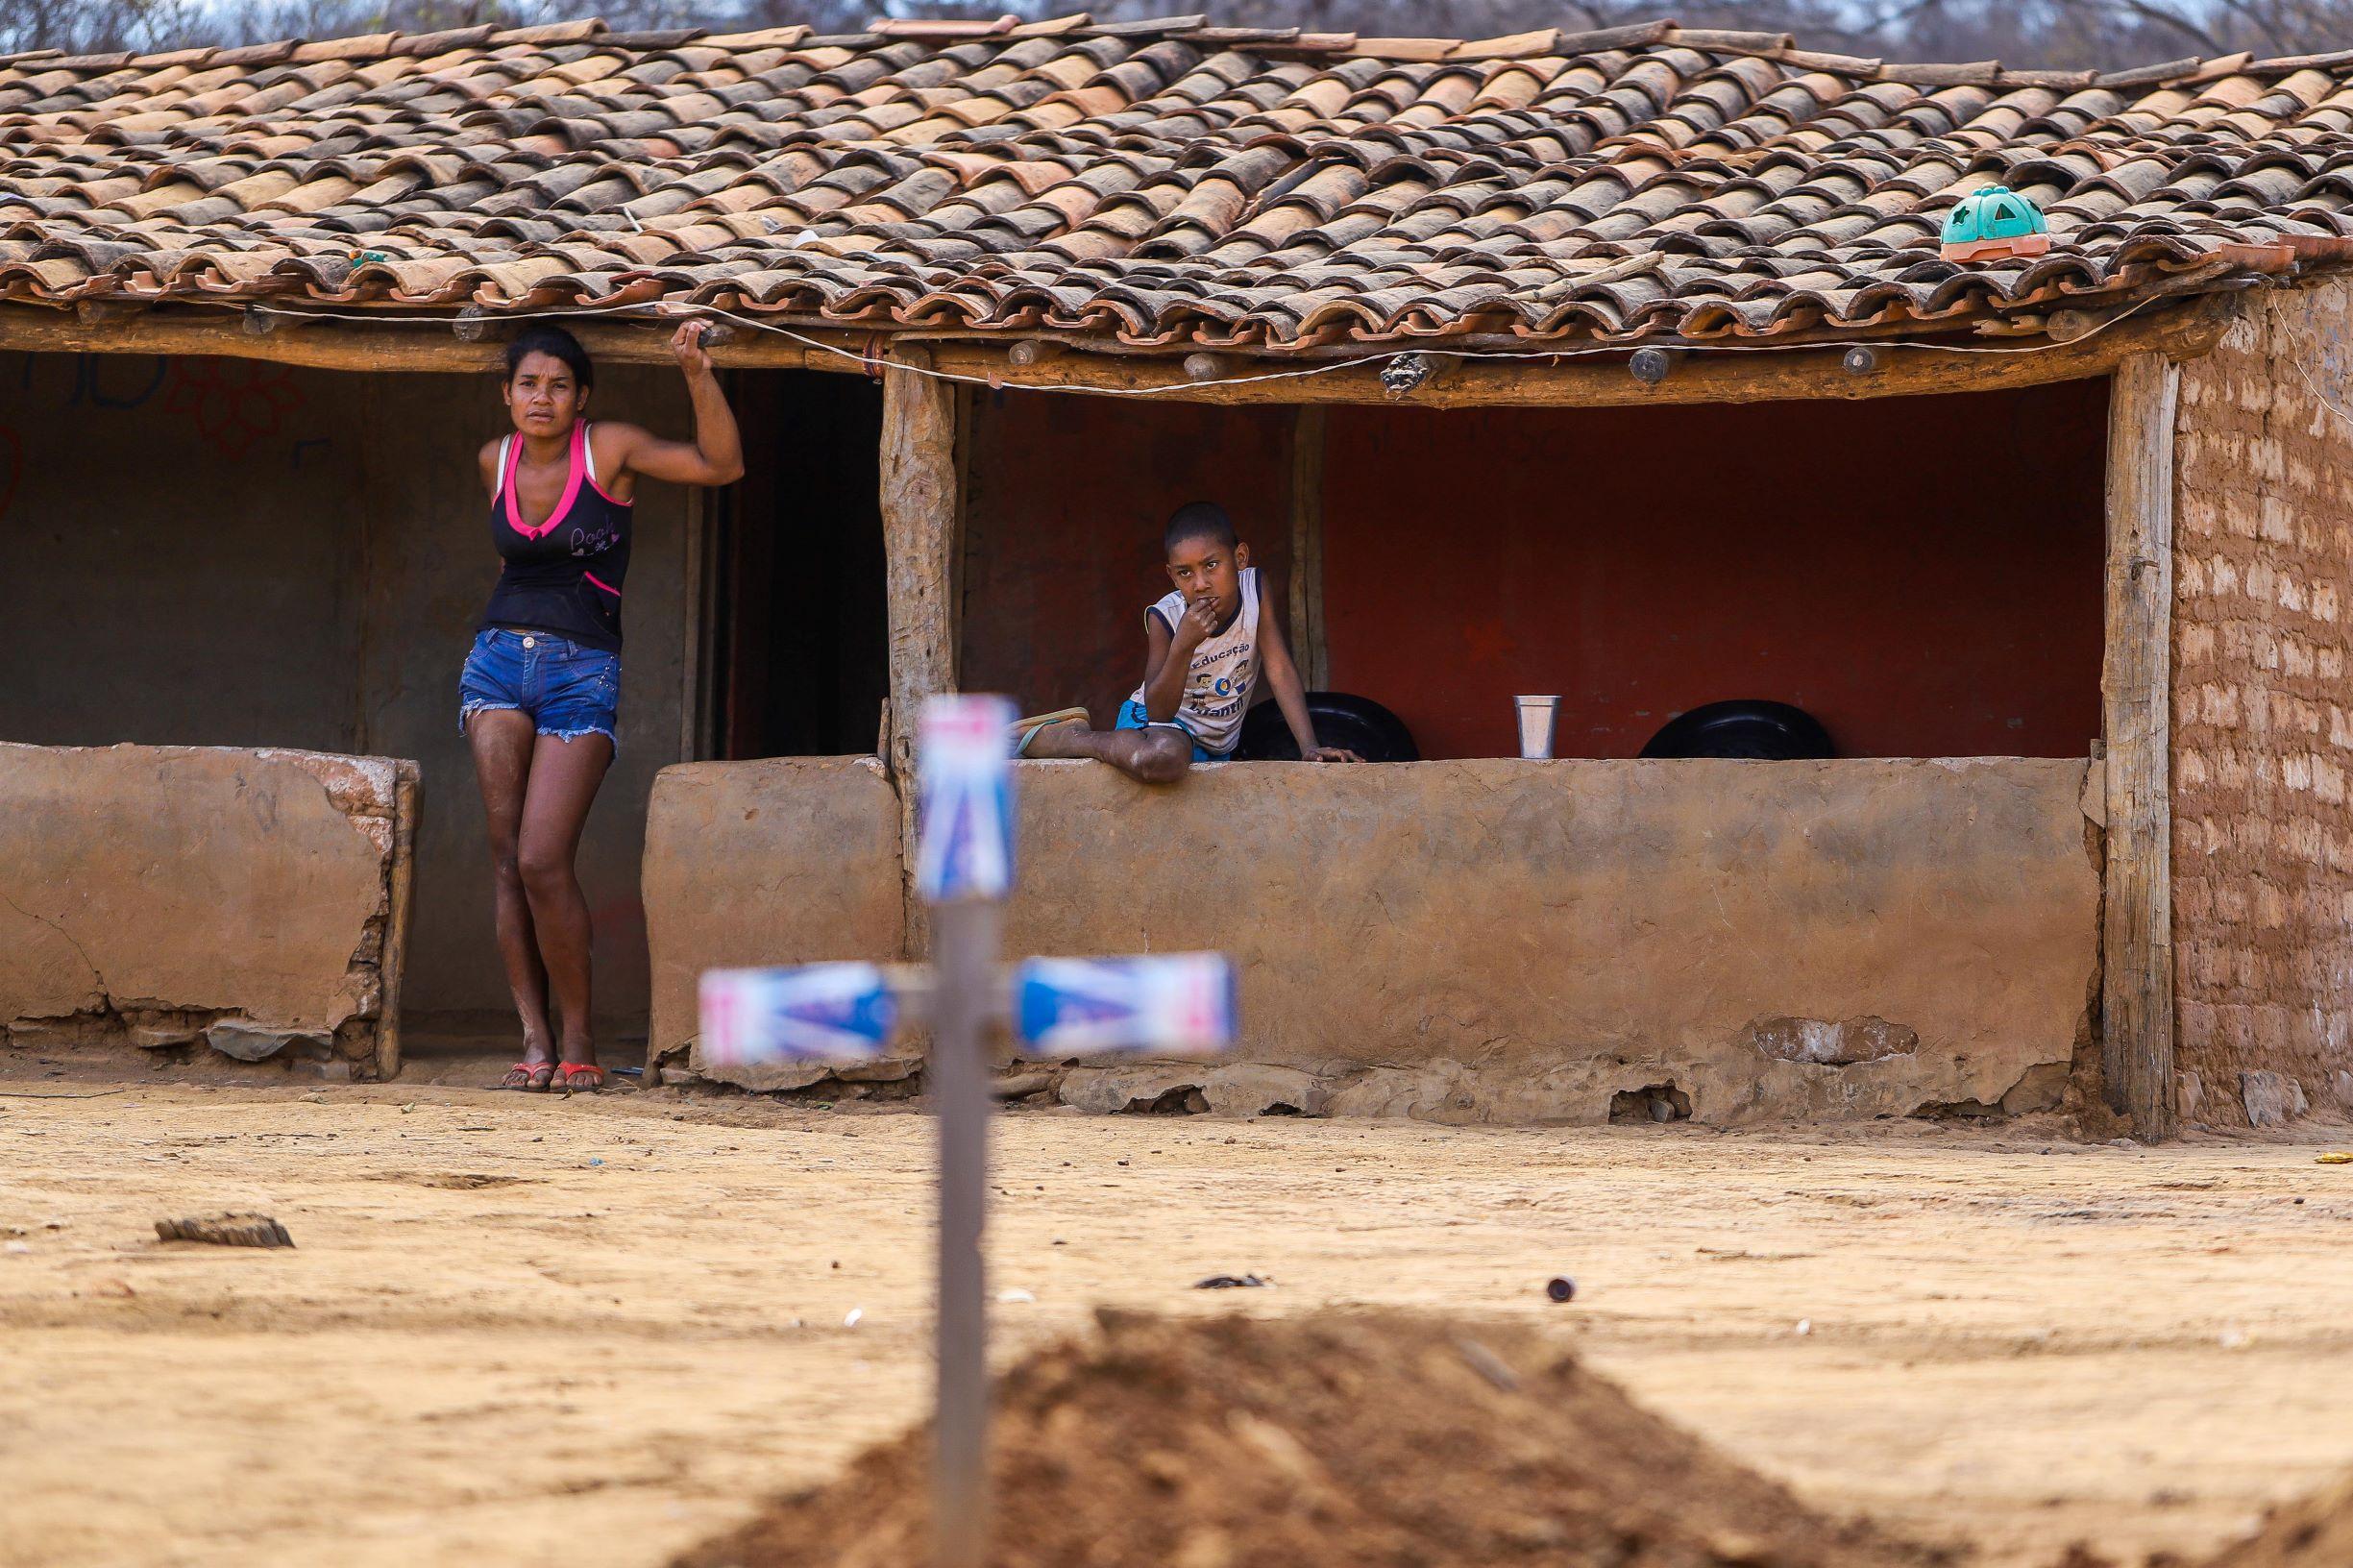 Elizabete Barros com seu filho na casa que construiu sozinha: grupo de mulheres da aldeia Embaúba comprova força da mulher indígena (Foto: Flávio Tavares)